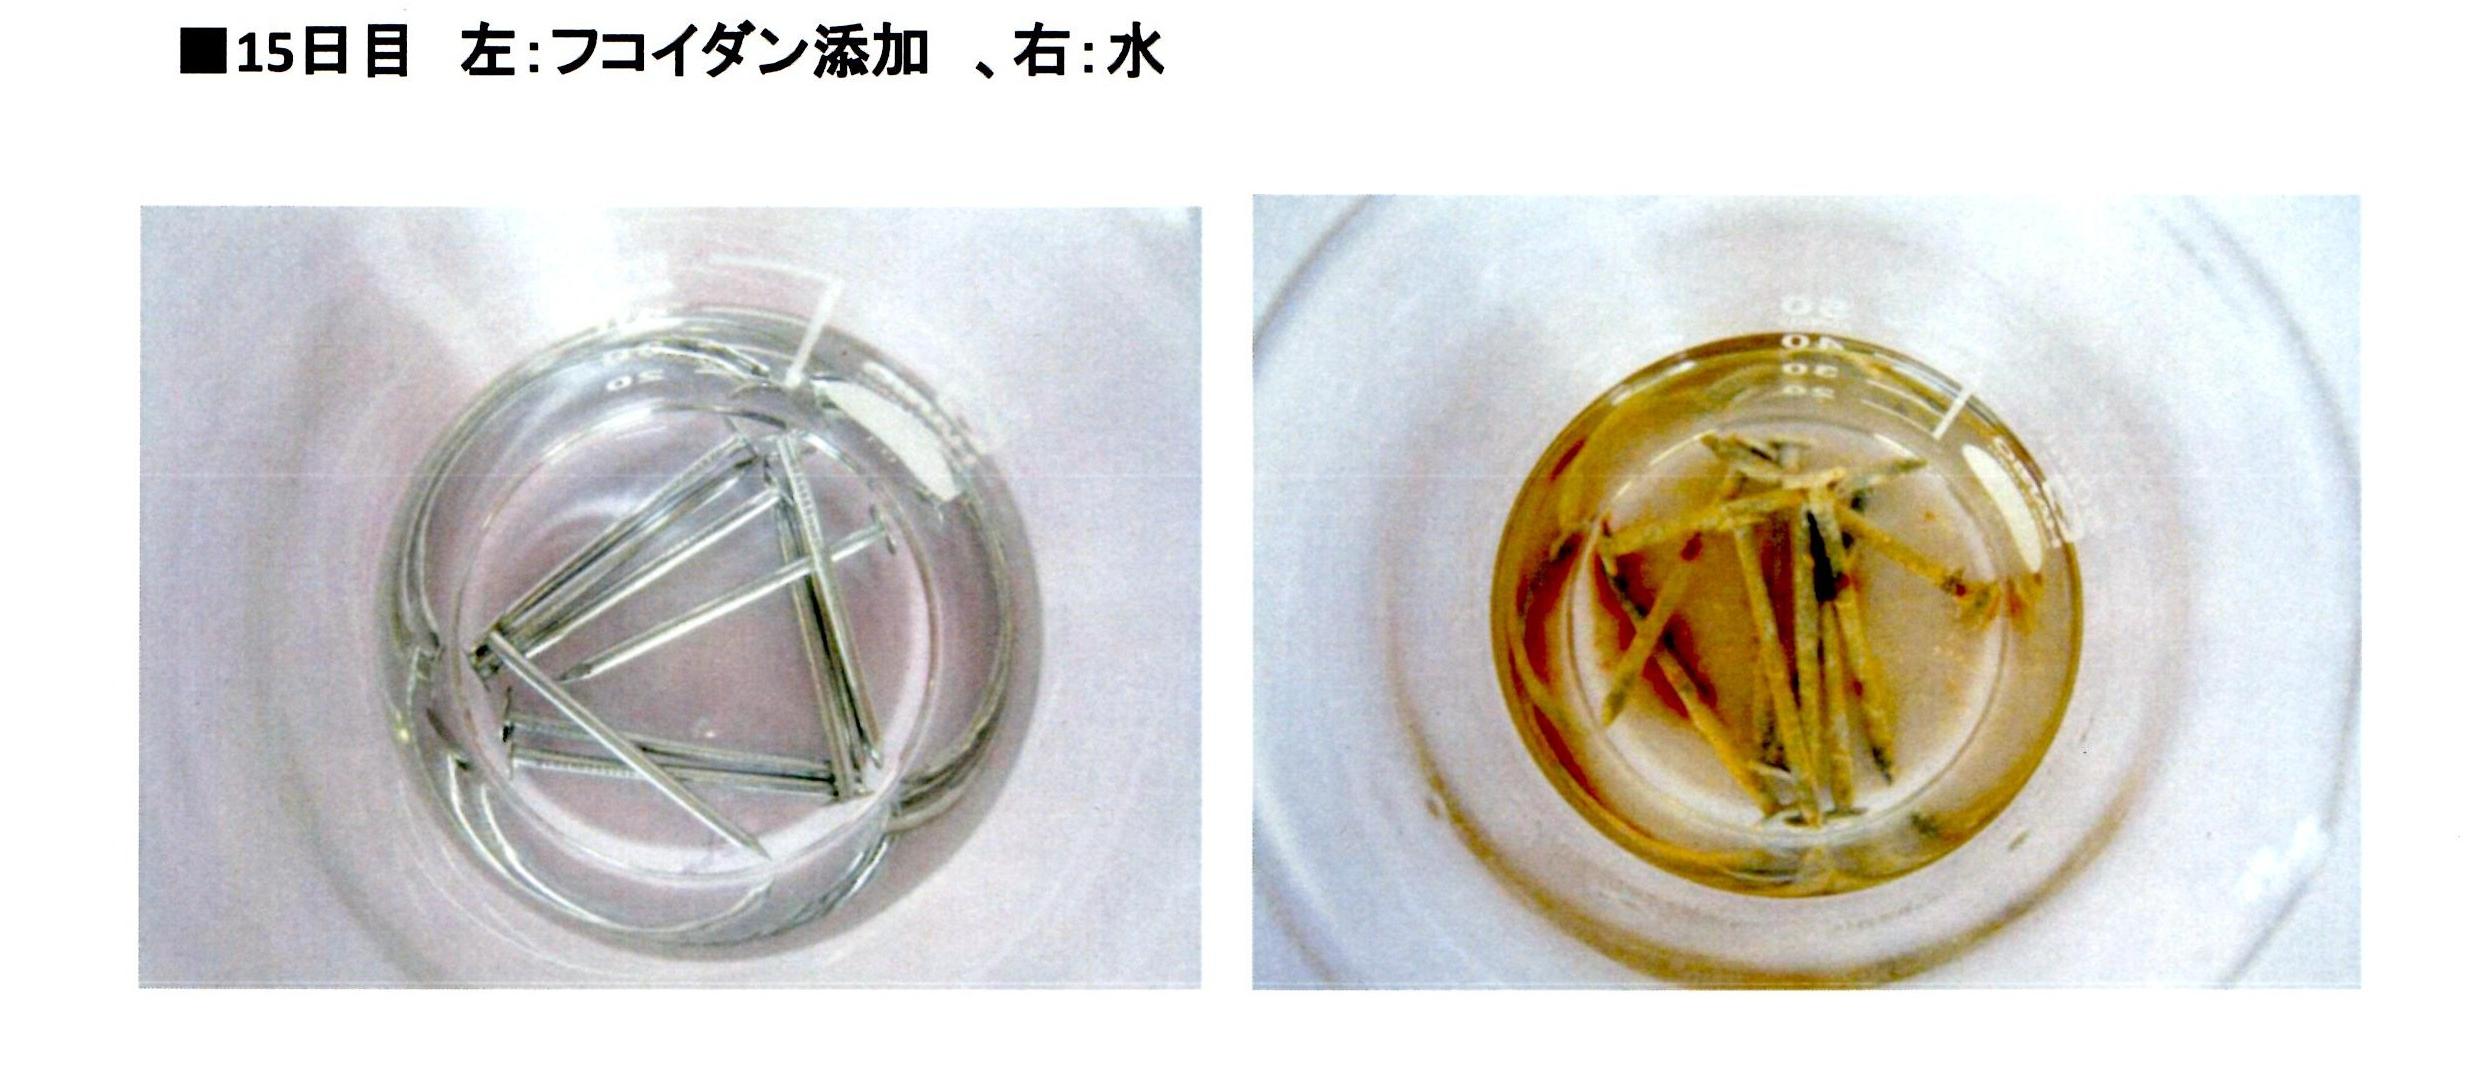 釘酸化防止試験